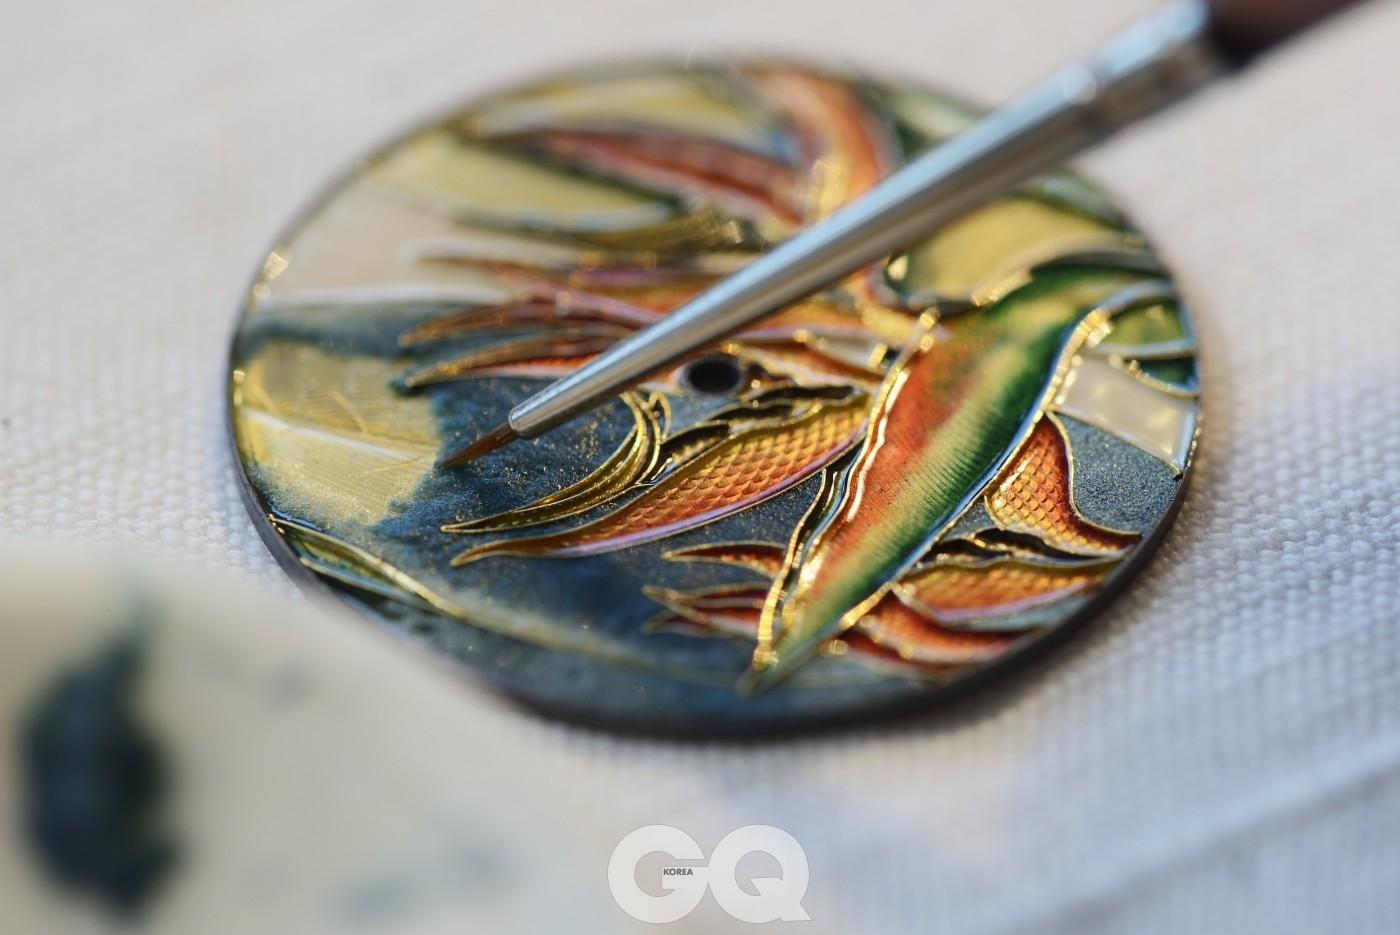 가느다란 골드 와이어로 칸막이를 용접해 만든 뒤, 틀 안에 에나멜 안료를 넣는 클로아조네 기법.